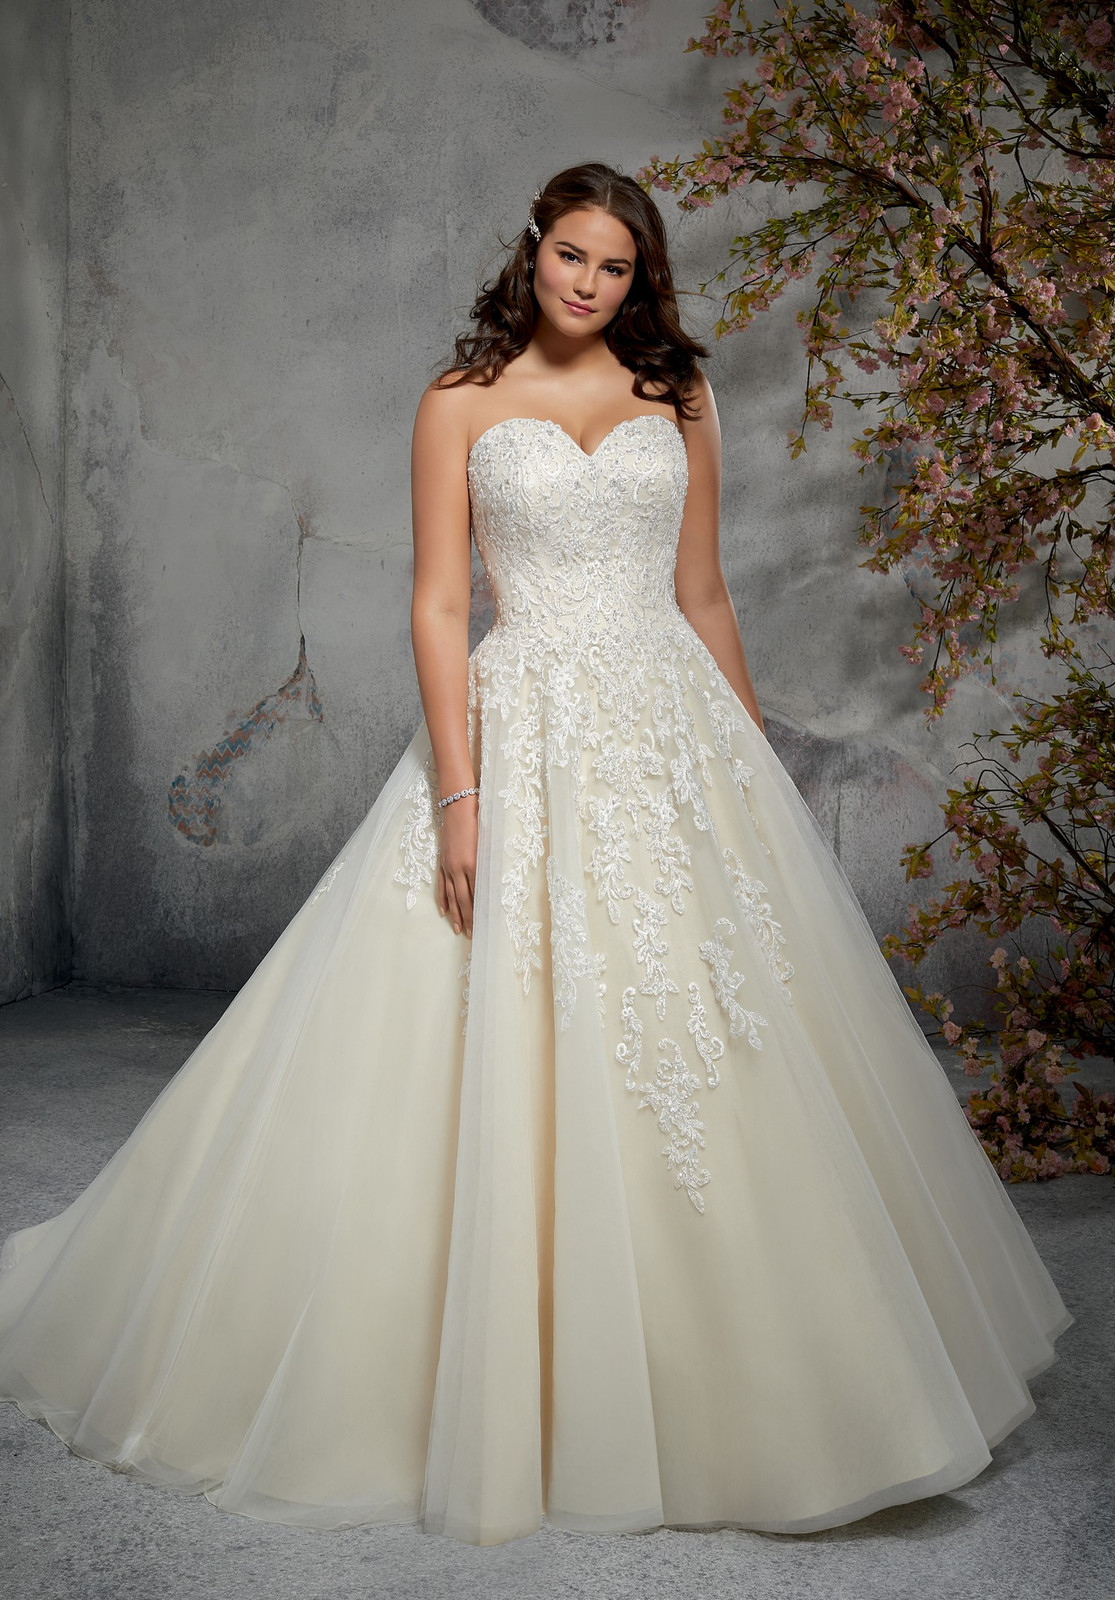 81955b9e4 Plus Size Wedding Dresses Uk Shops | Saddha